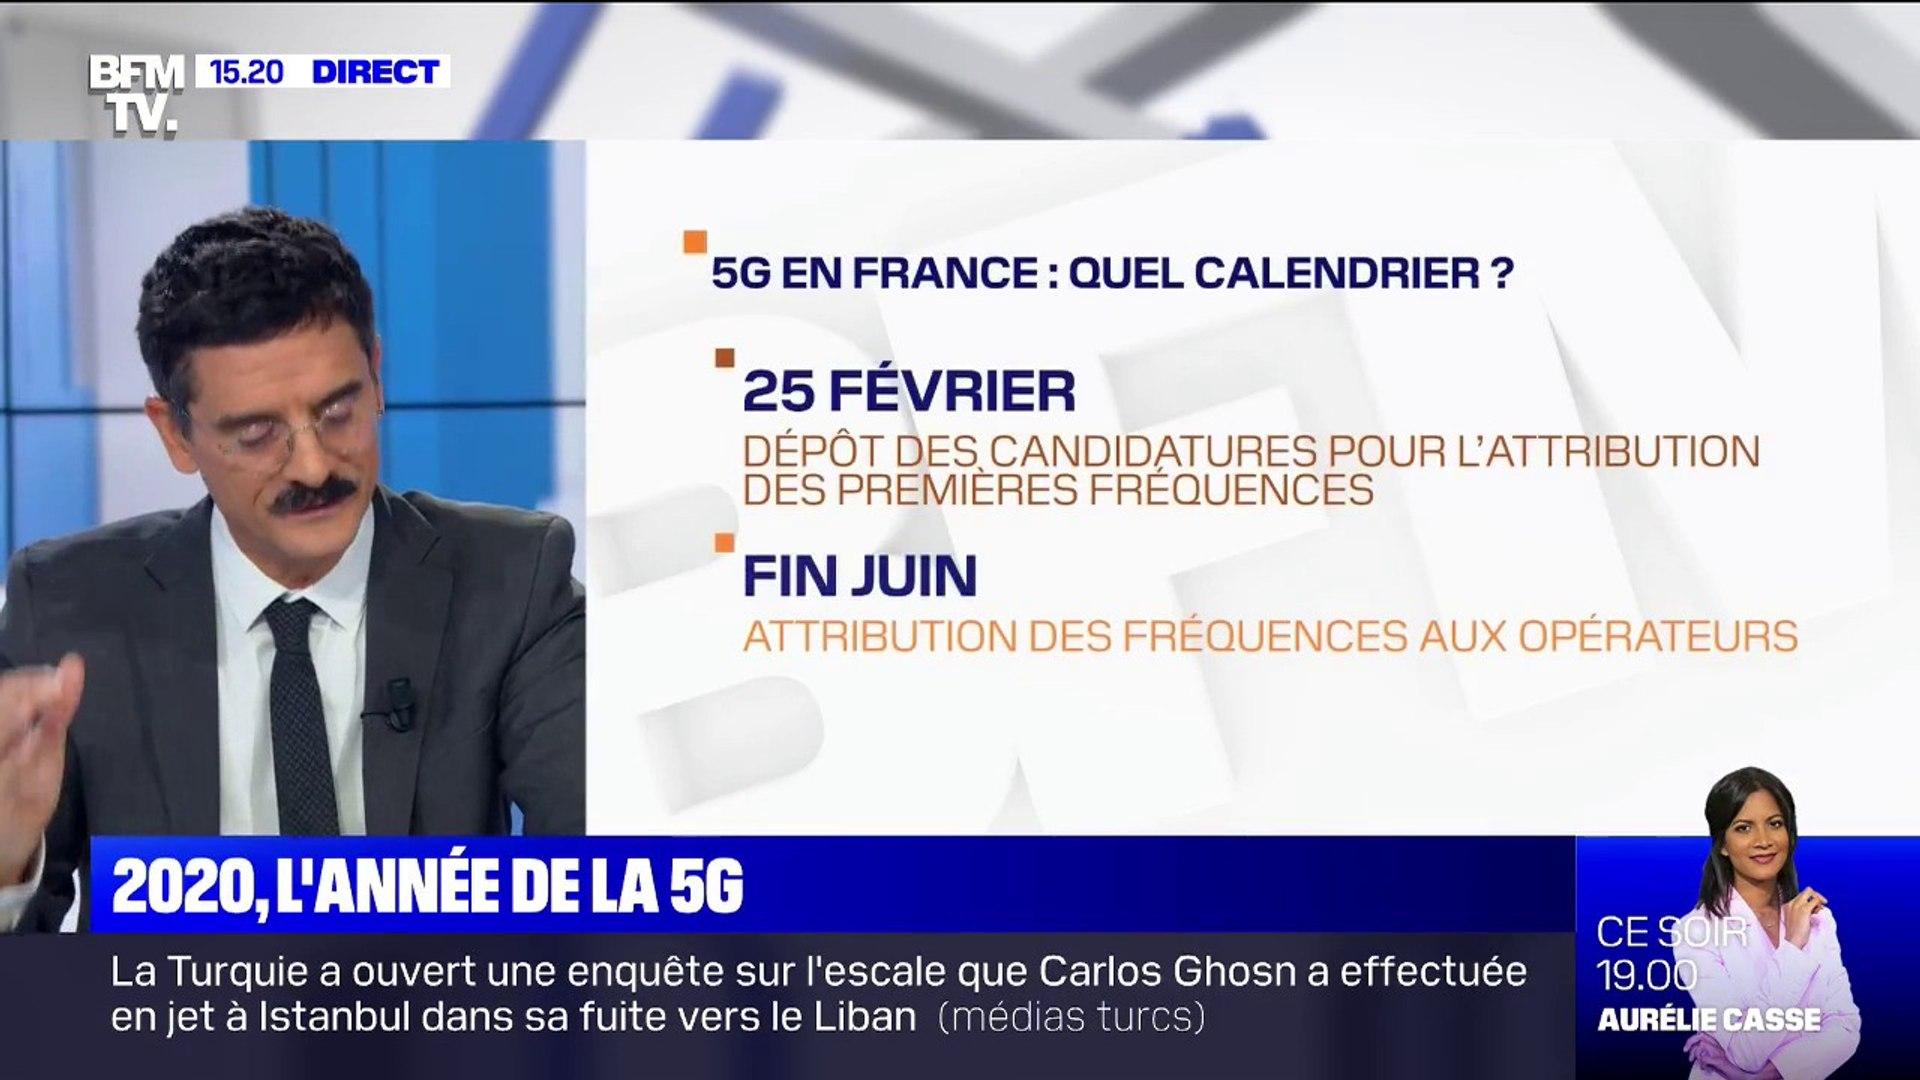 La 5G arrive en France en 2020